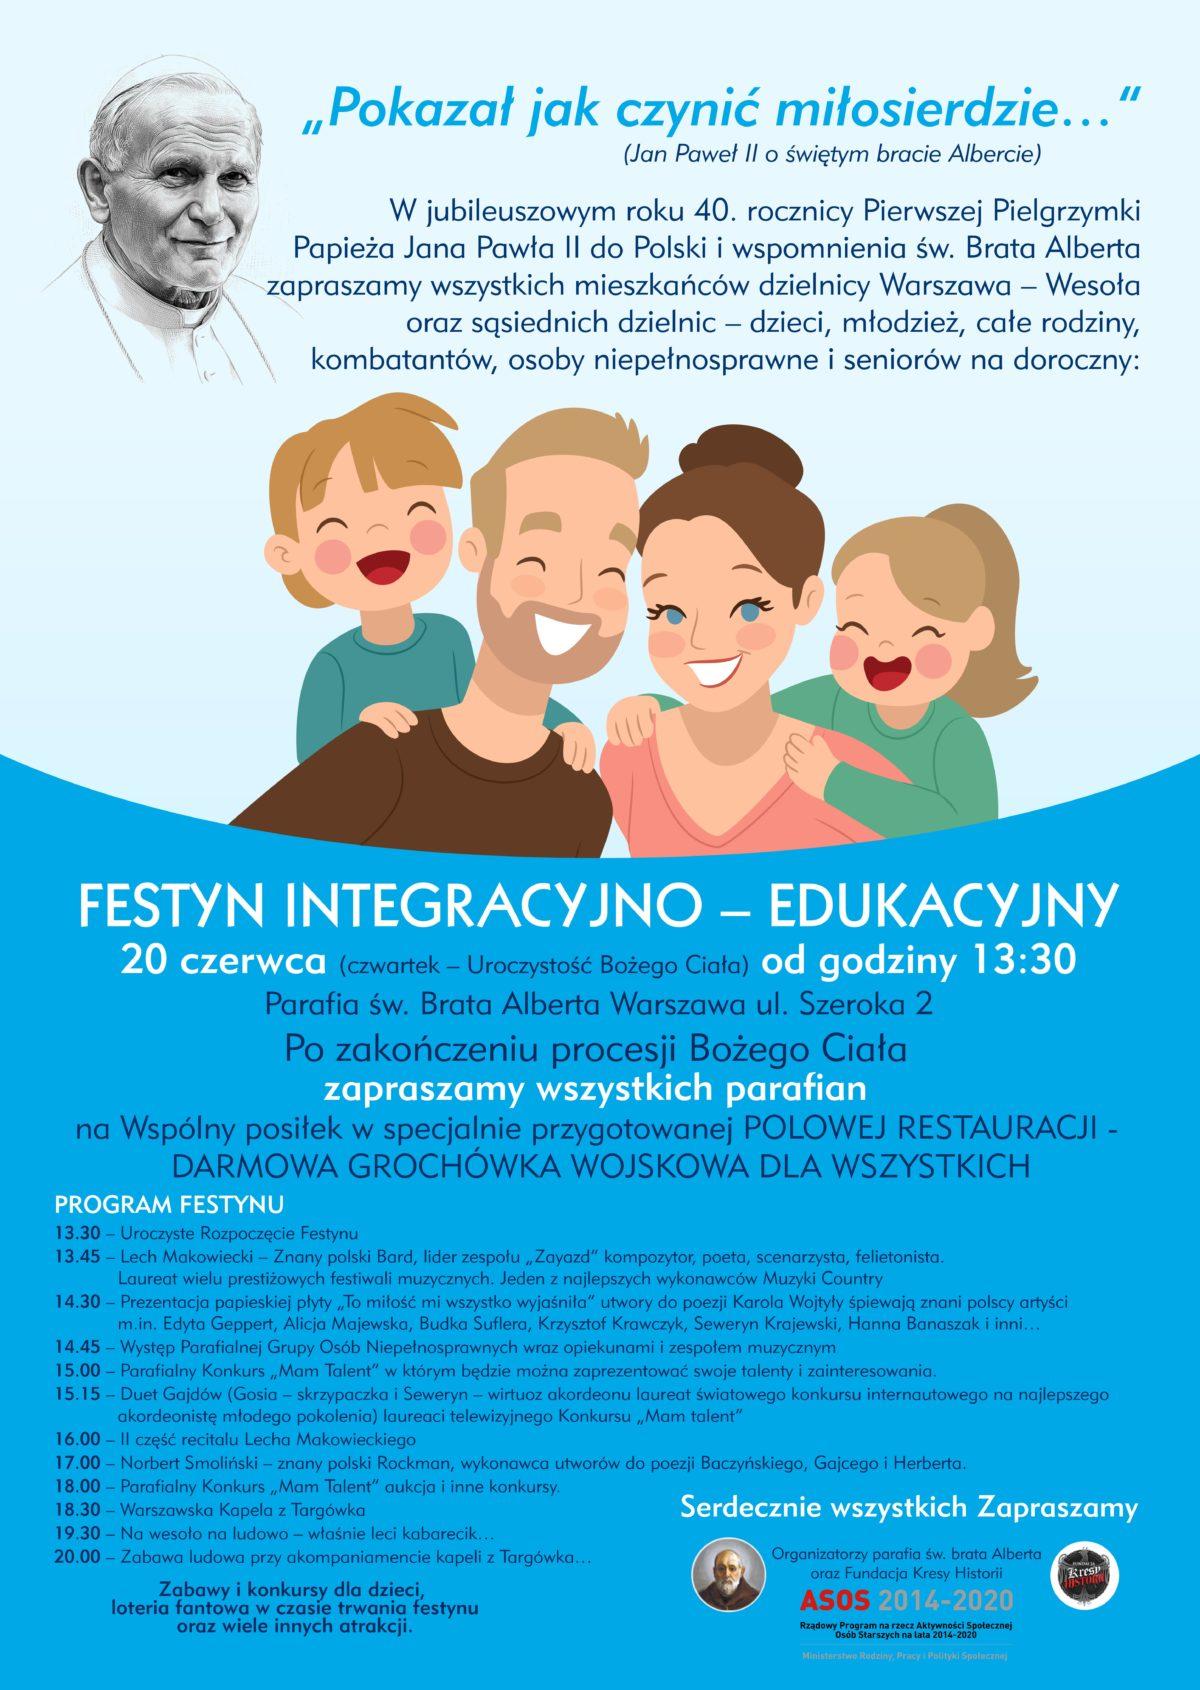 Zapraszamy na festyn festyn integracyjno-edukacyjny